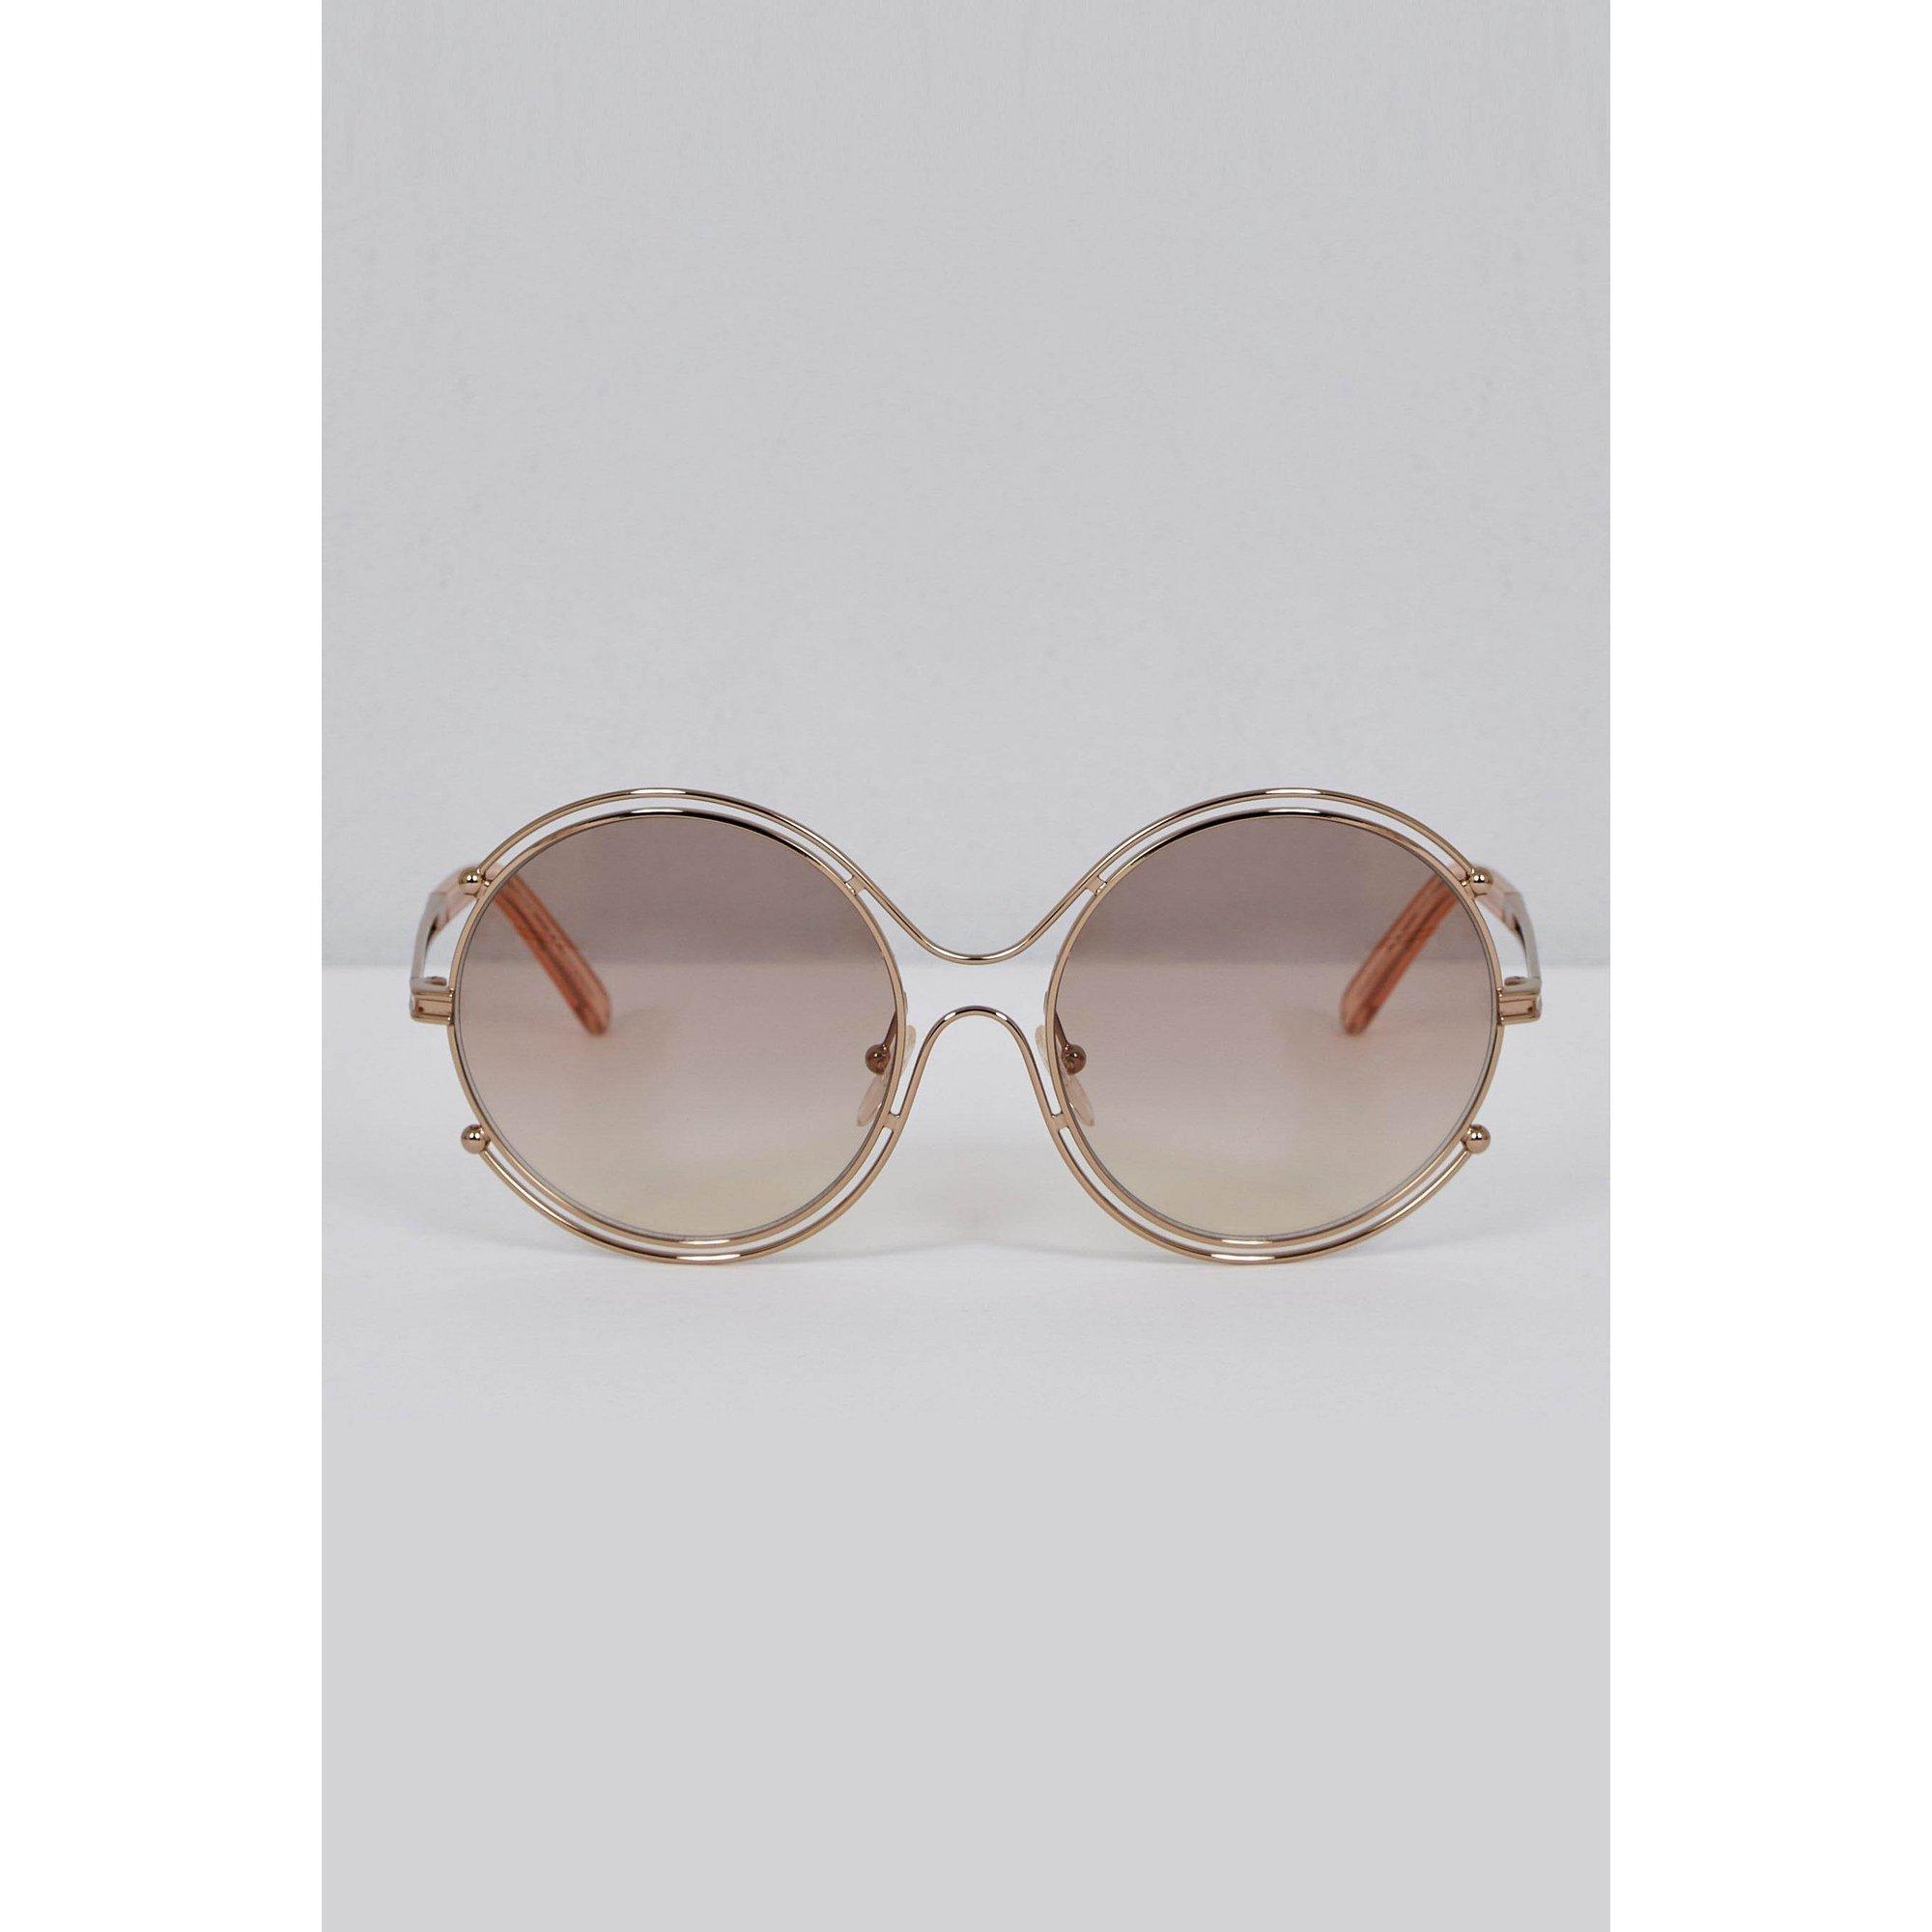 Image of Chloe Isidora Oversized Sunglasses